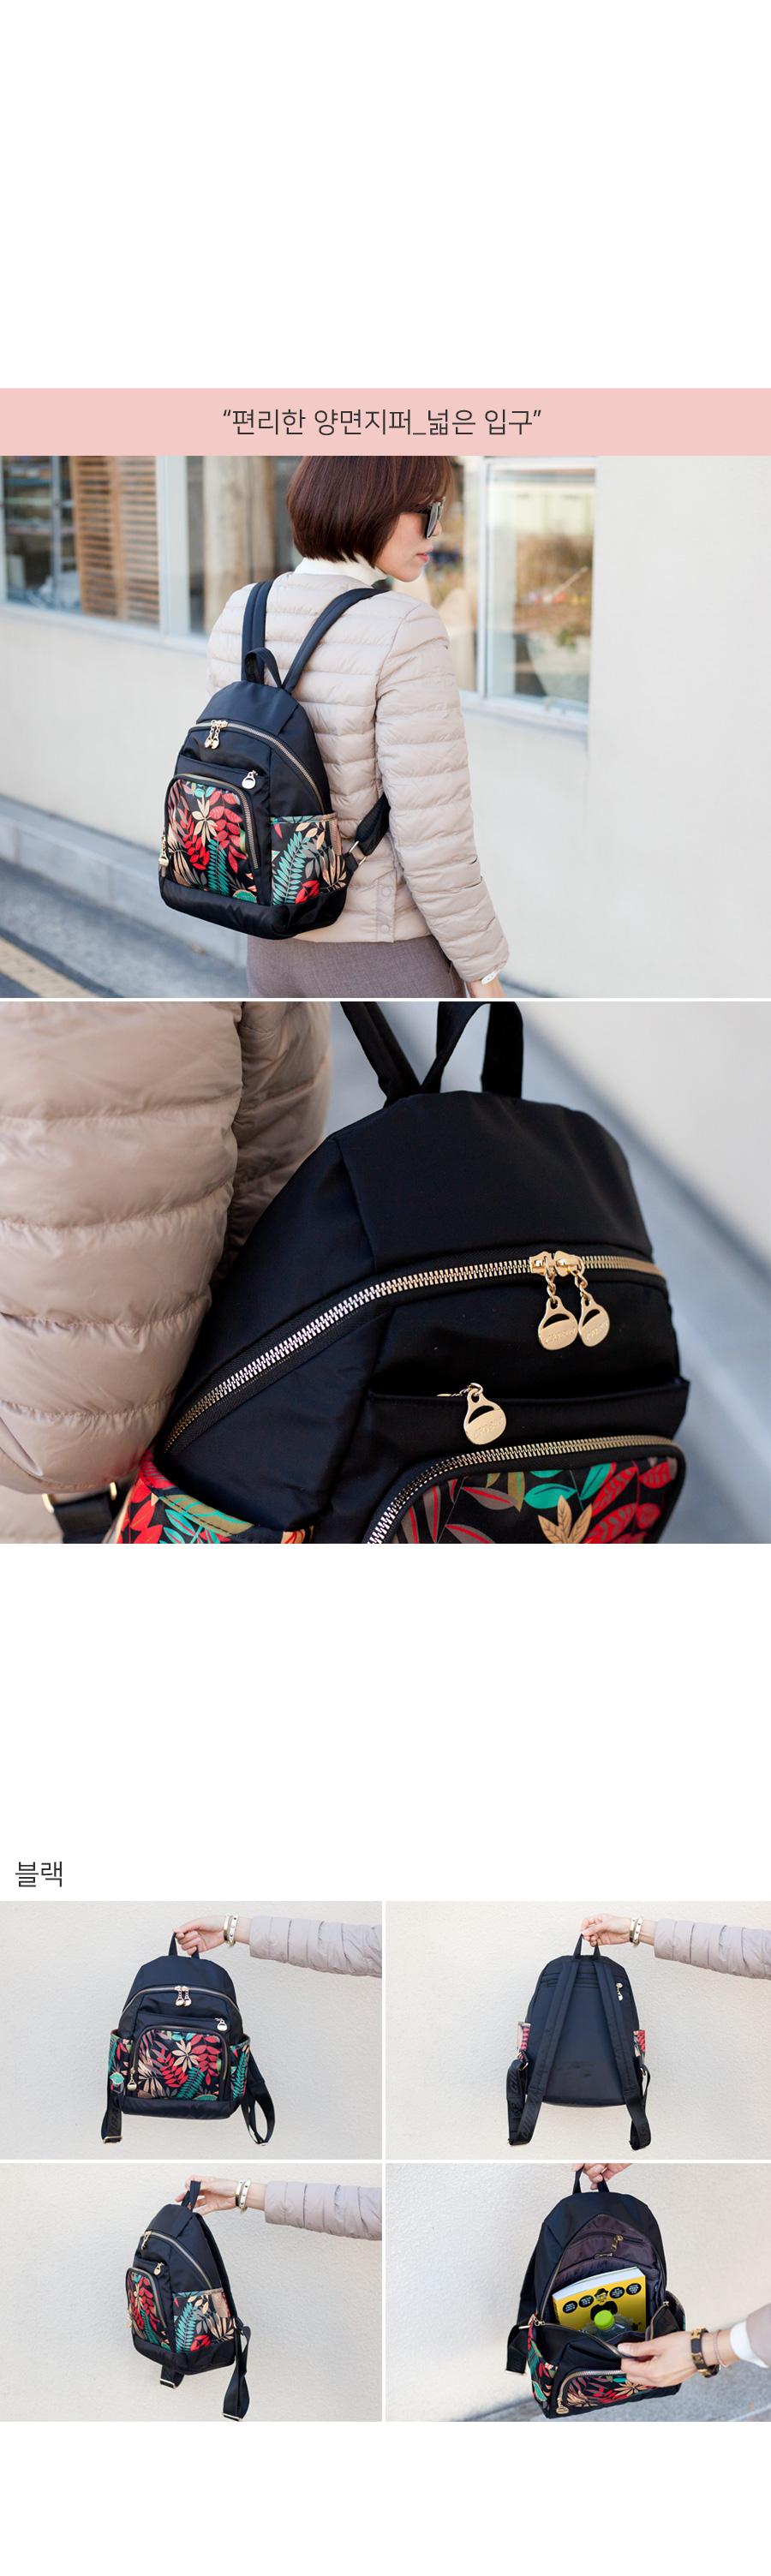 여성용백팩 미니배낭 가벼운백팩 작은여행가방 - 비바시스터, 26,400원, 백팩, 패브릭백팩